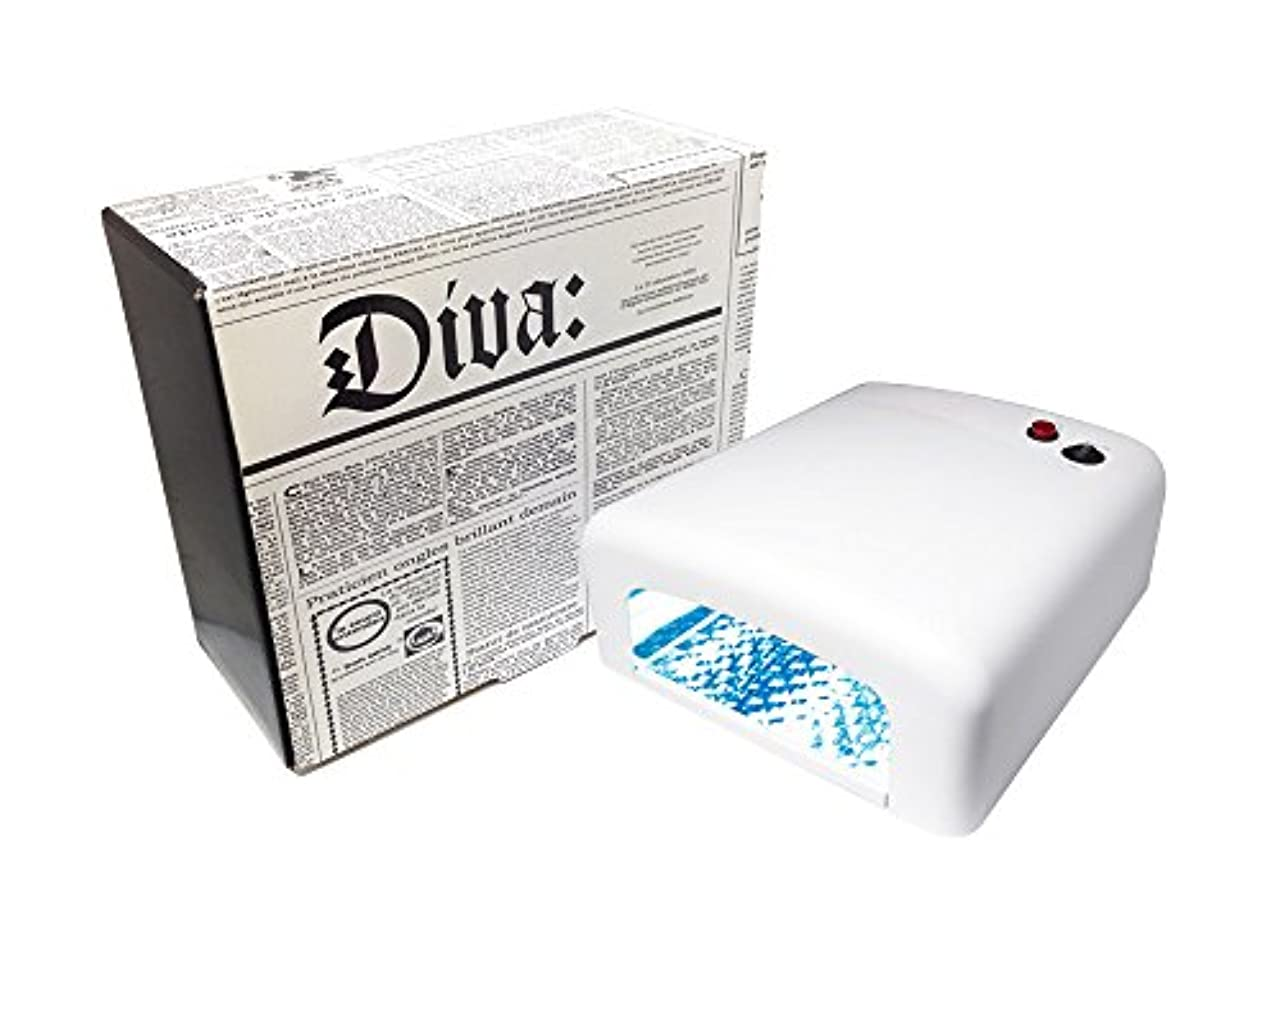 忌避剤バーター通知Diva(ディーヴァ) UVライト36W(UVランプ) 本体 ホワイト